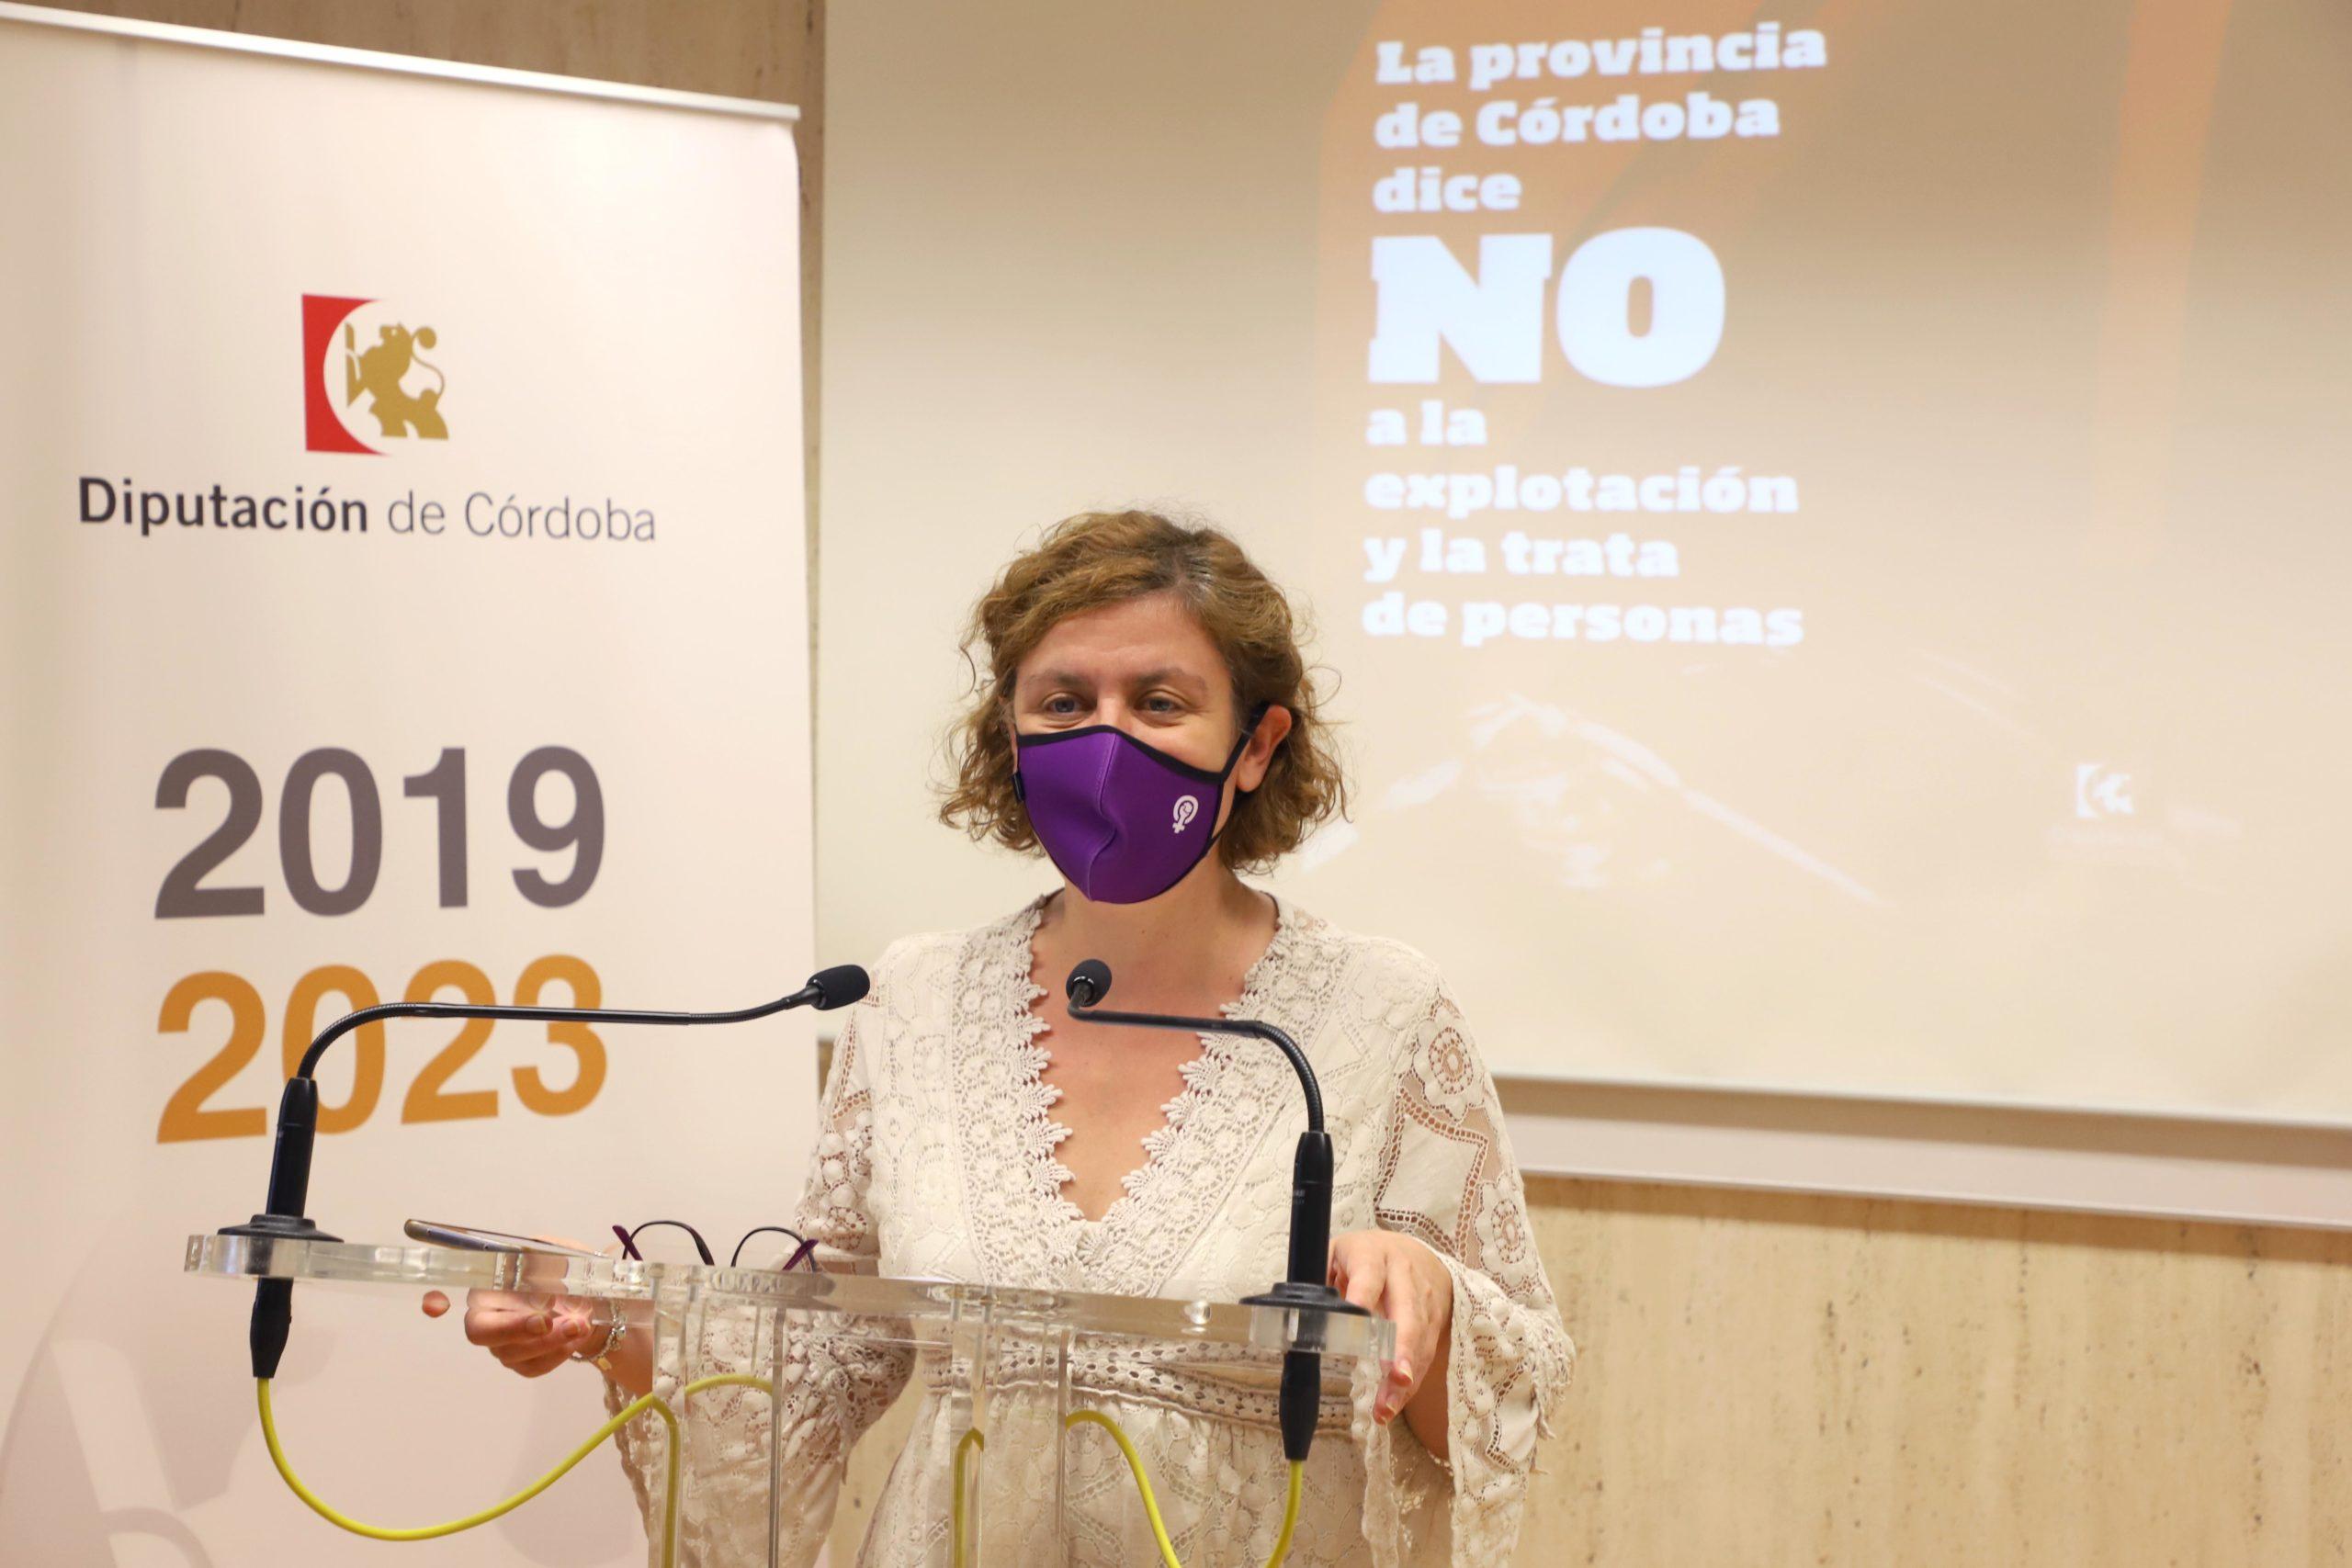 La Diputación de Córdoba abordará el problema de la explotación y la trata de personas en un seminario de carácter internacional